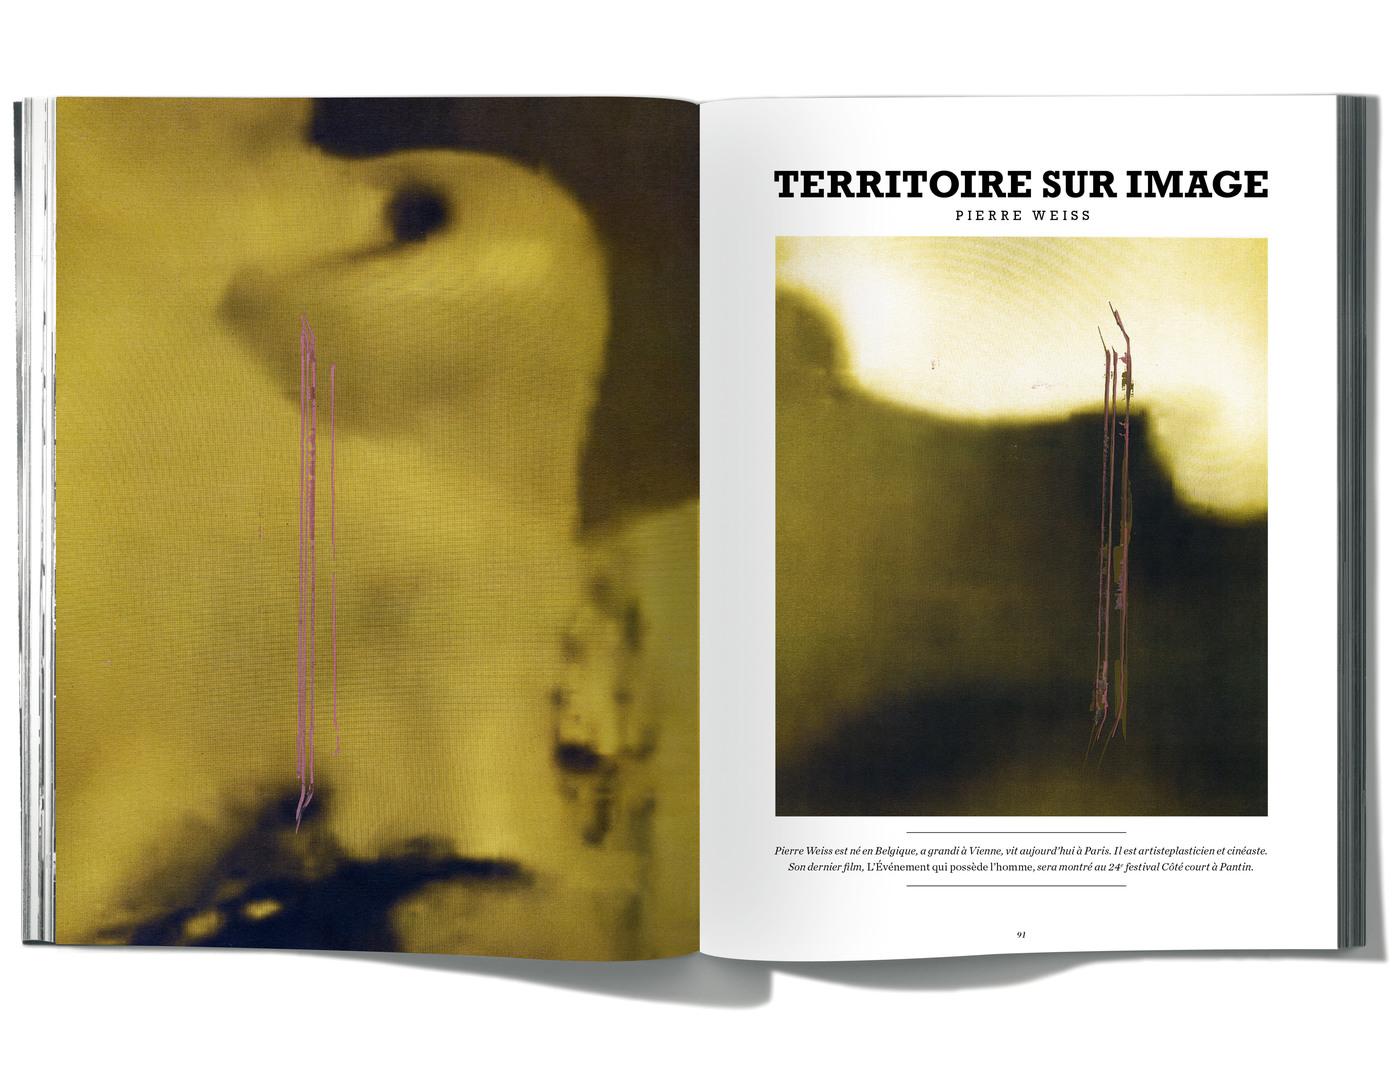 Photographies de Pierre Weiss, Territoire sur image